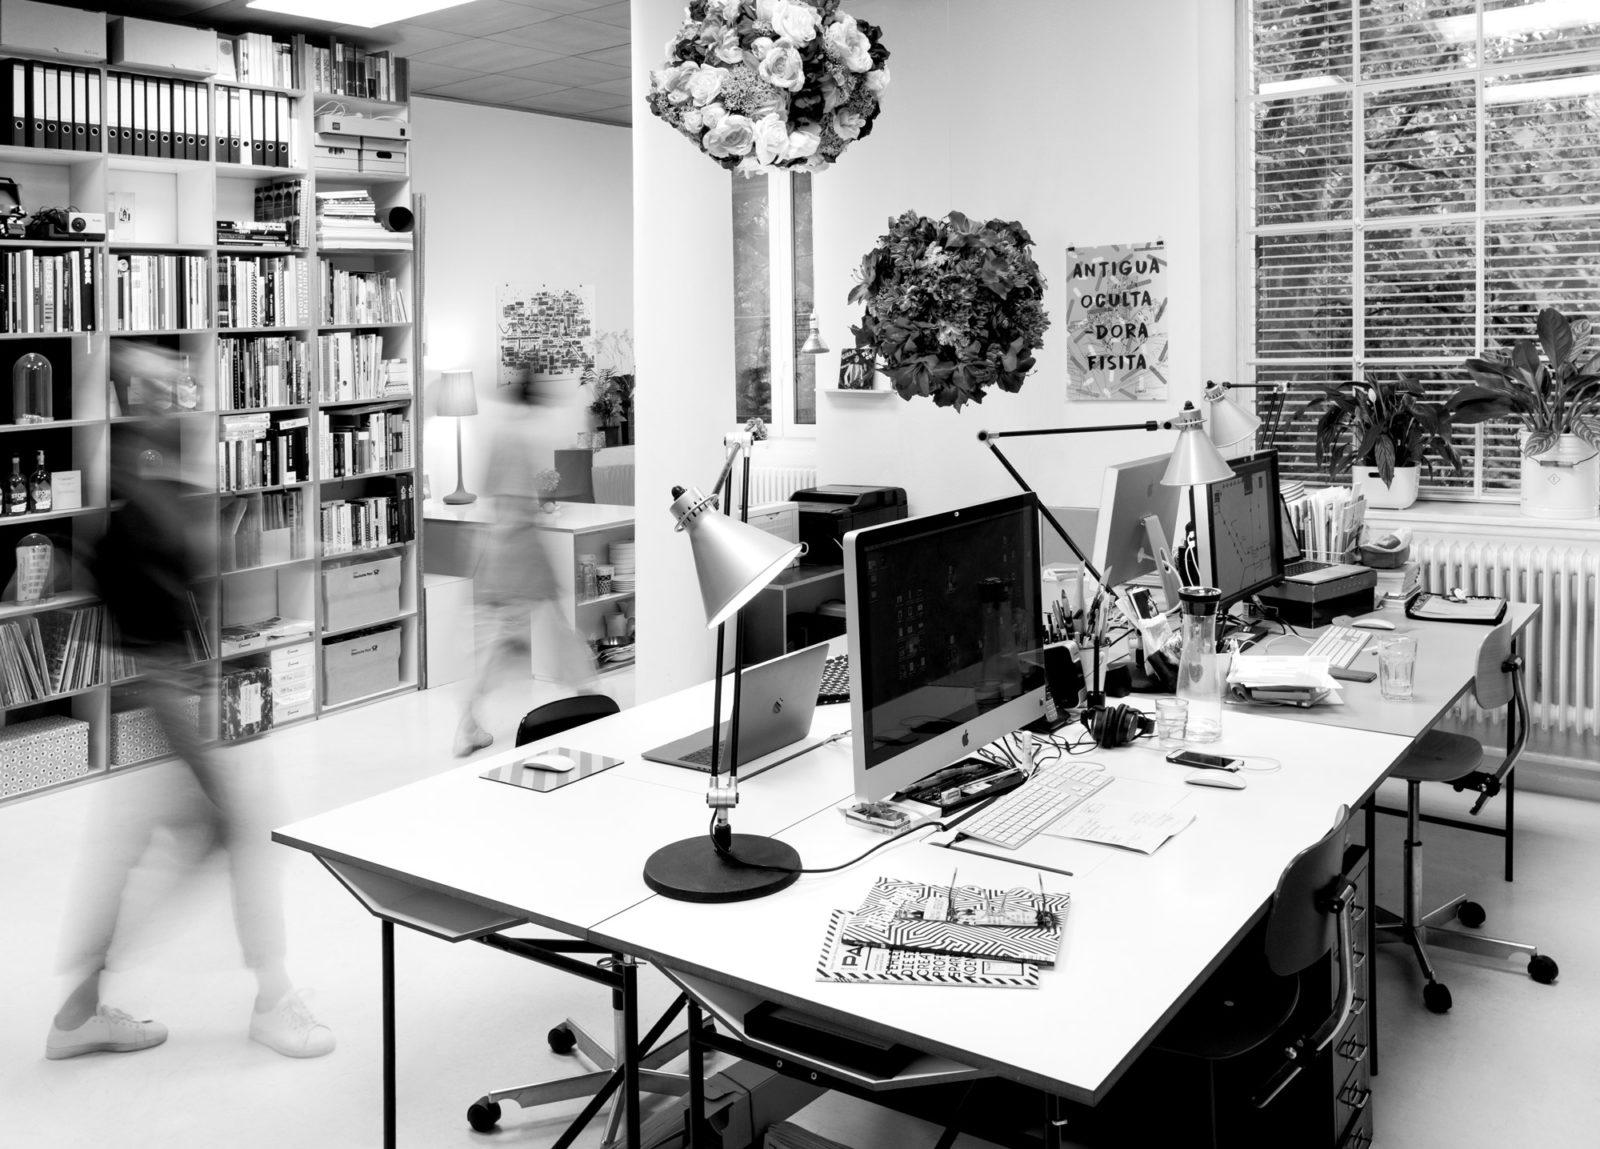 Editienne- Grafikdesign- Kommunikationsdesign- Arbeitsraum für Grafikdesign